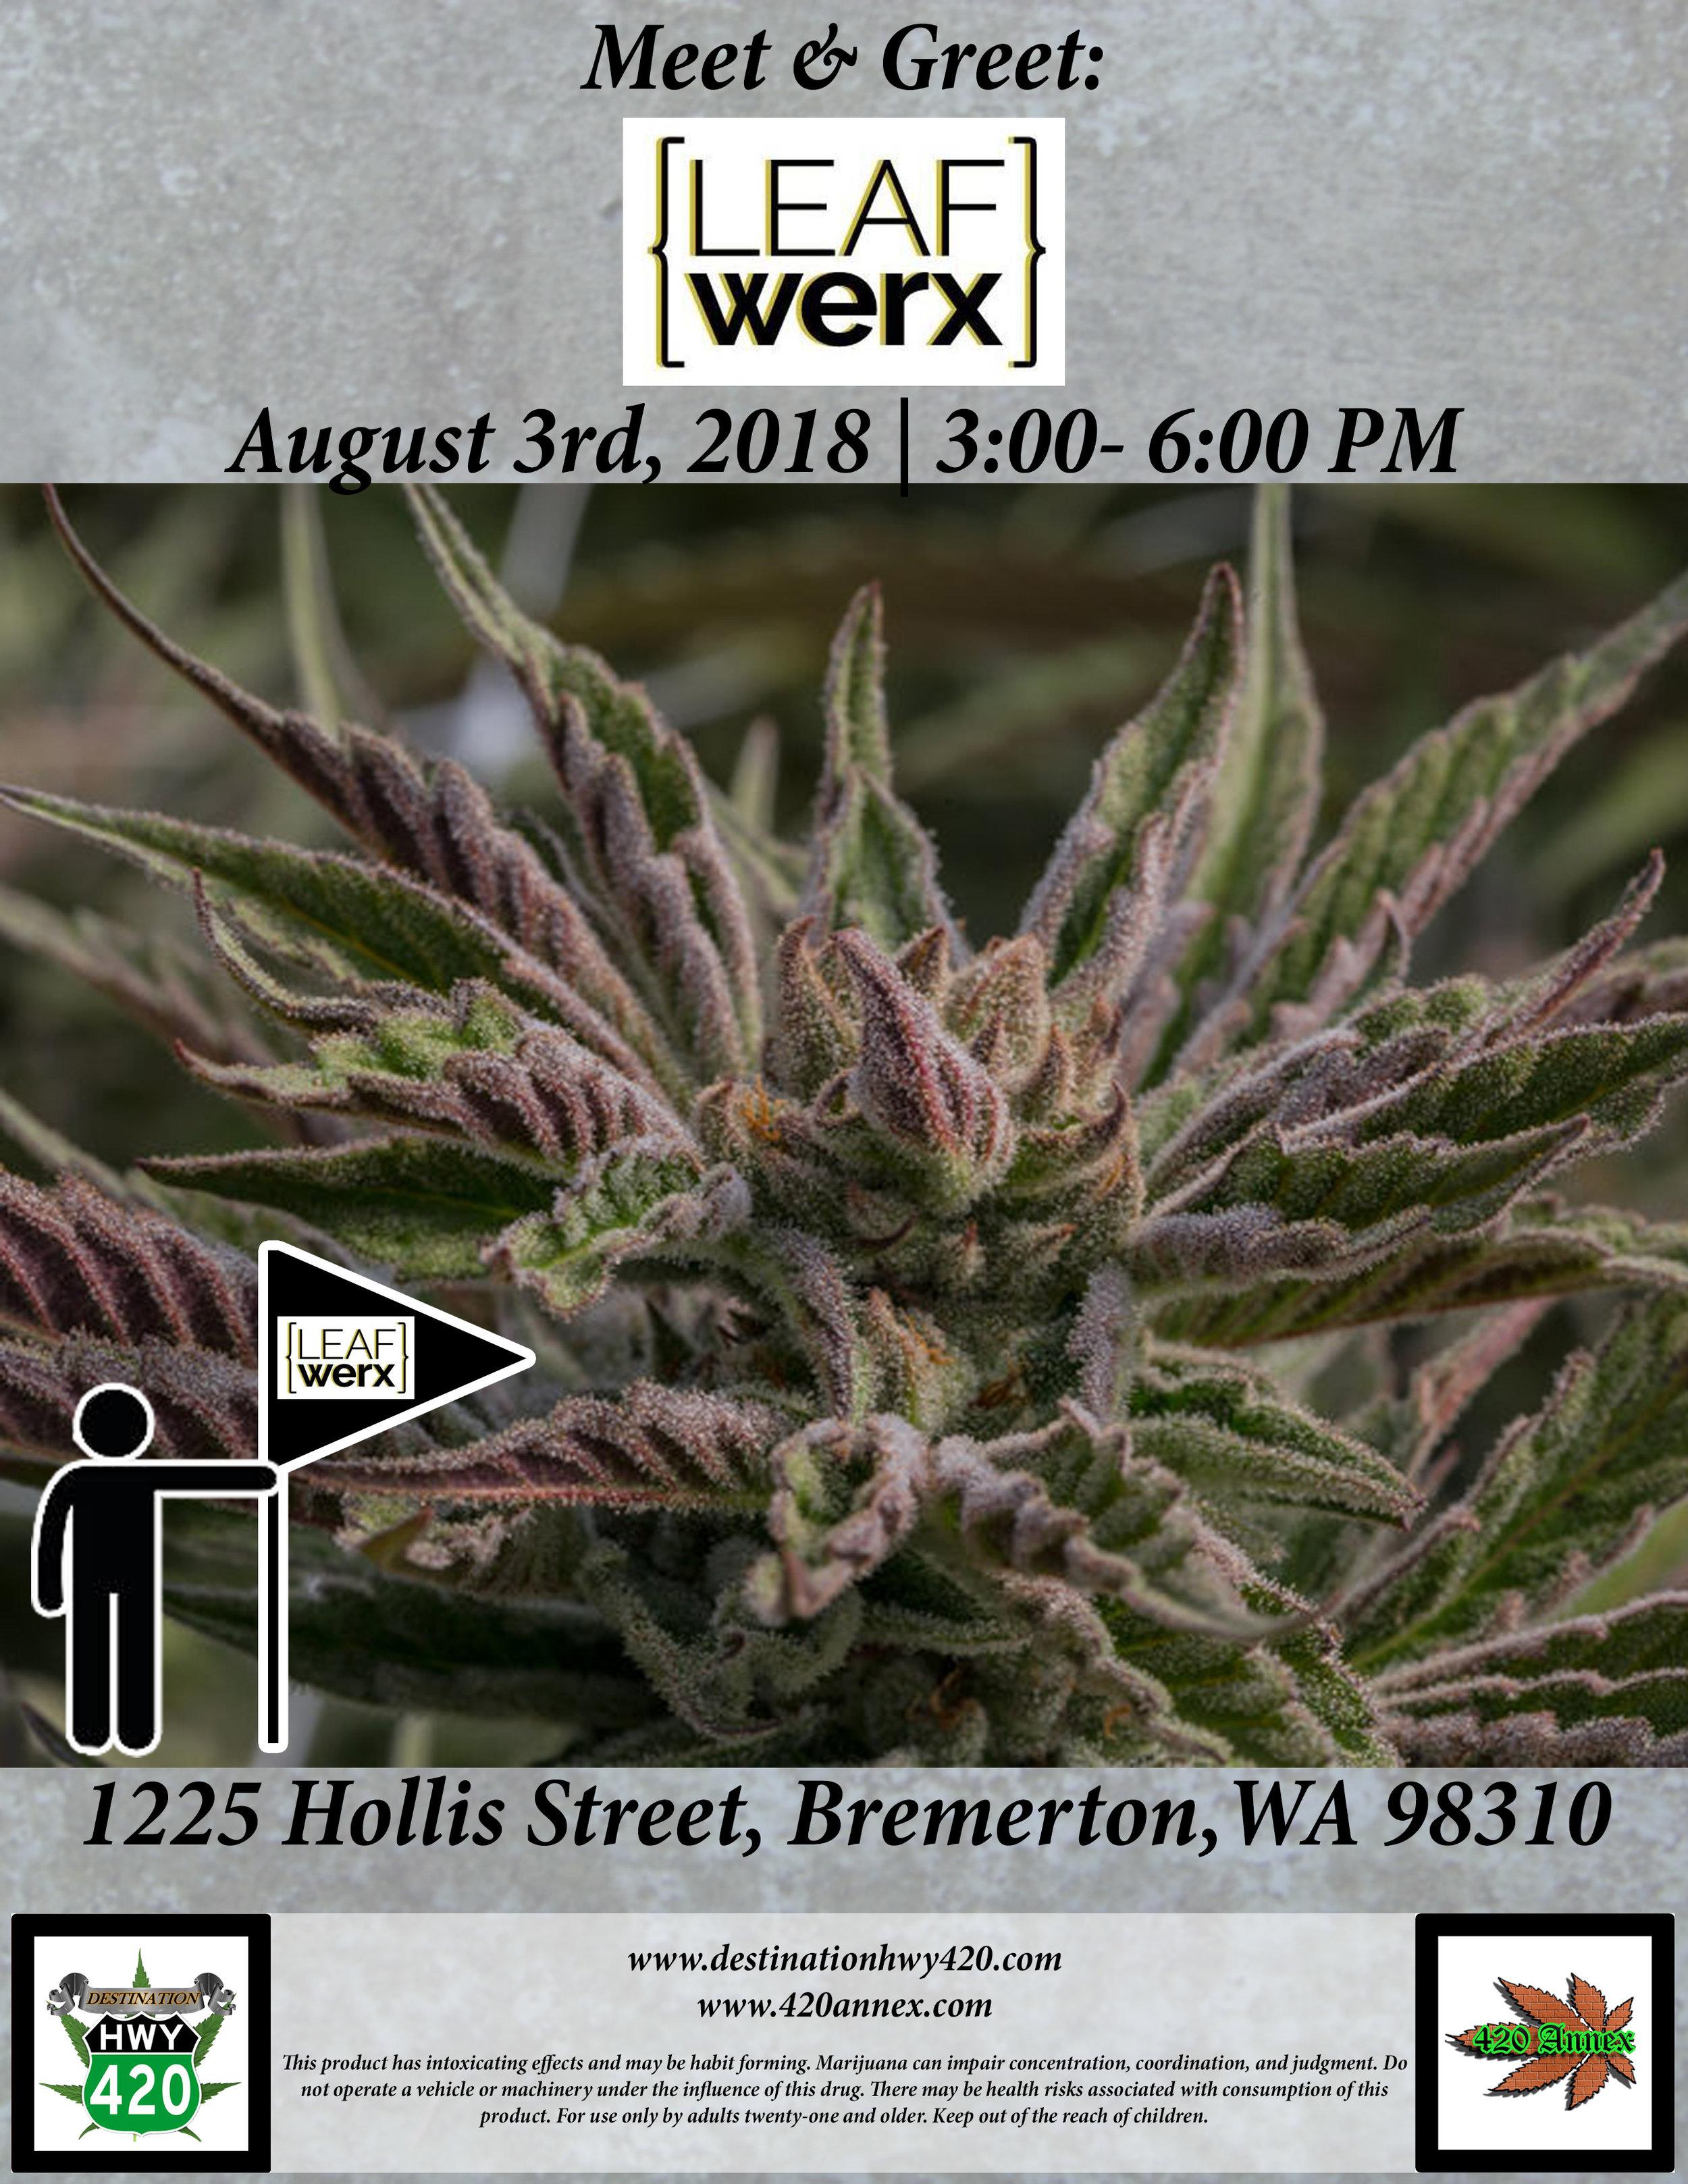 leafwerx-meet-&-greet-flyer.jpg